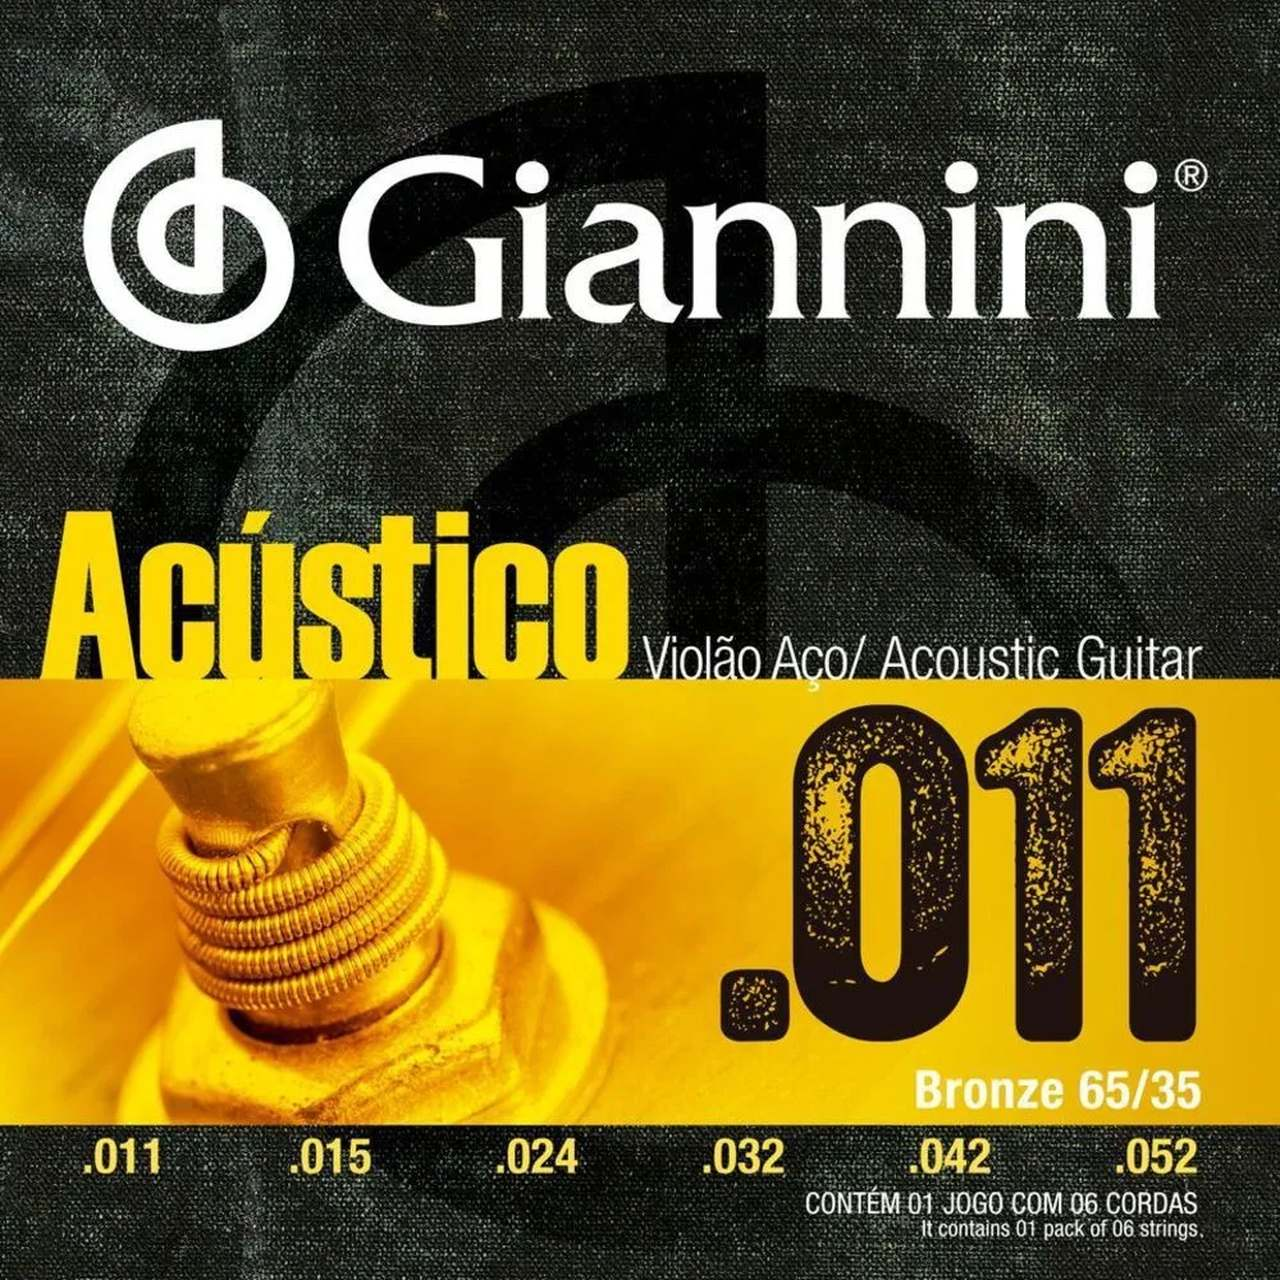 Encordoamento Violão Aço Giannini 011 Bronze GESPW